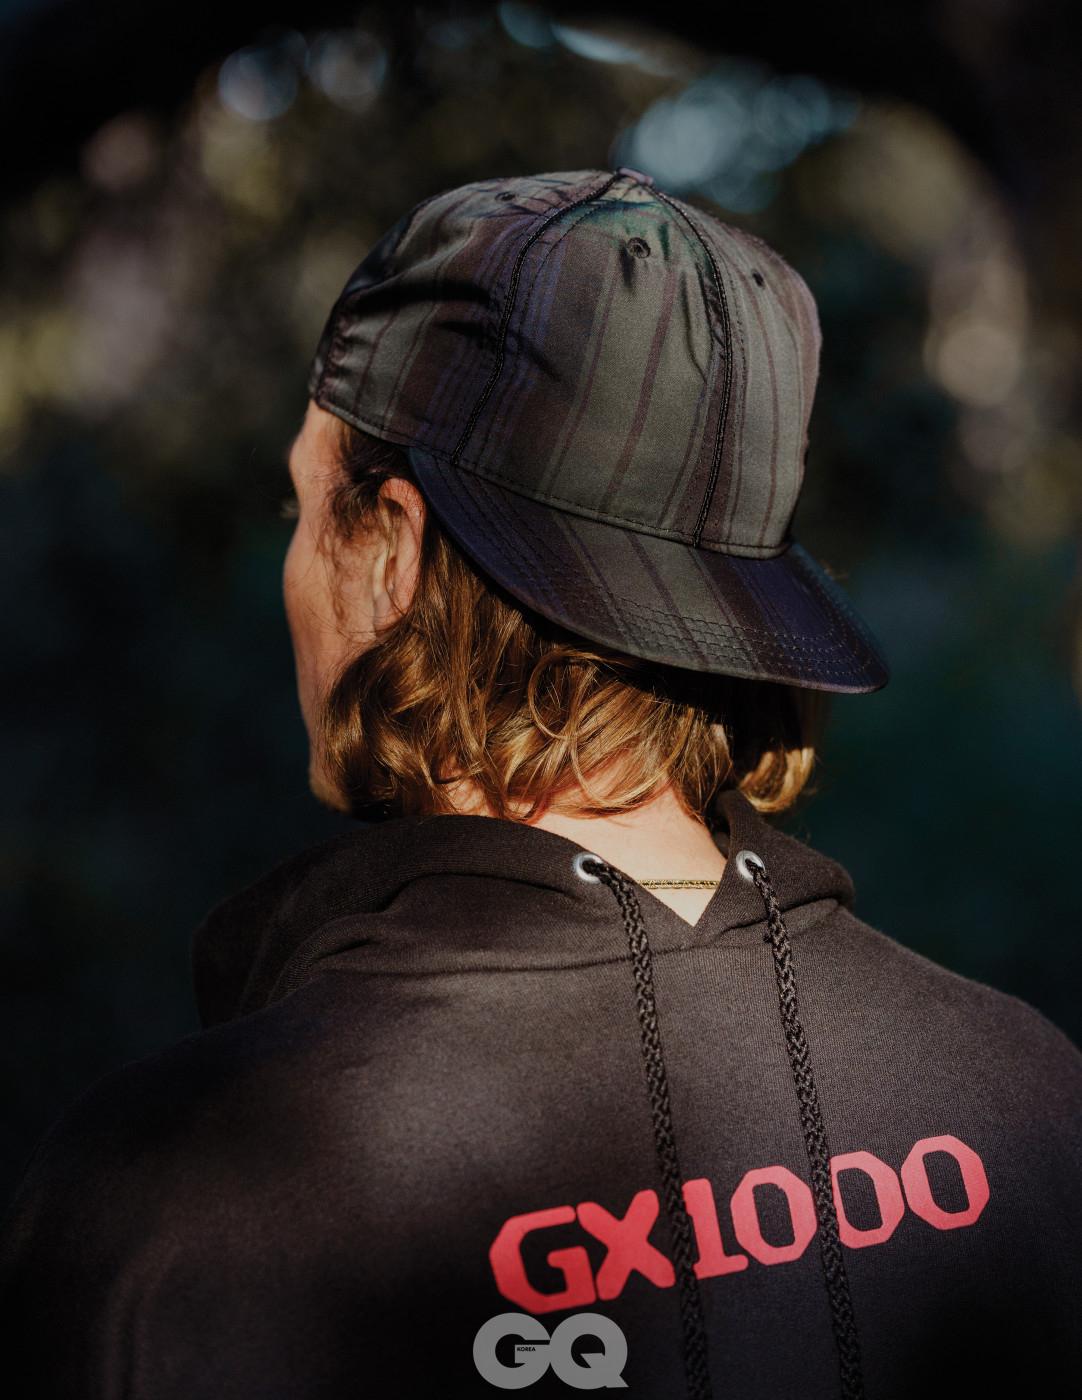 후디 가격 미정, GX1000. 모자 $88, Paa.